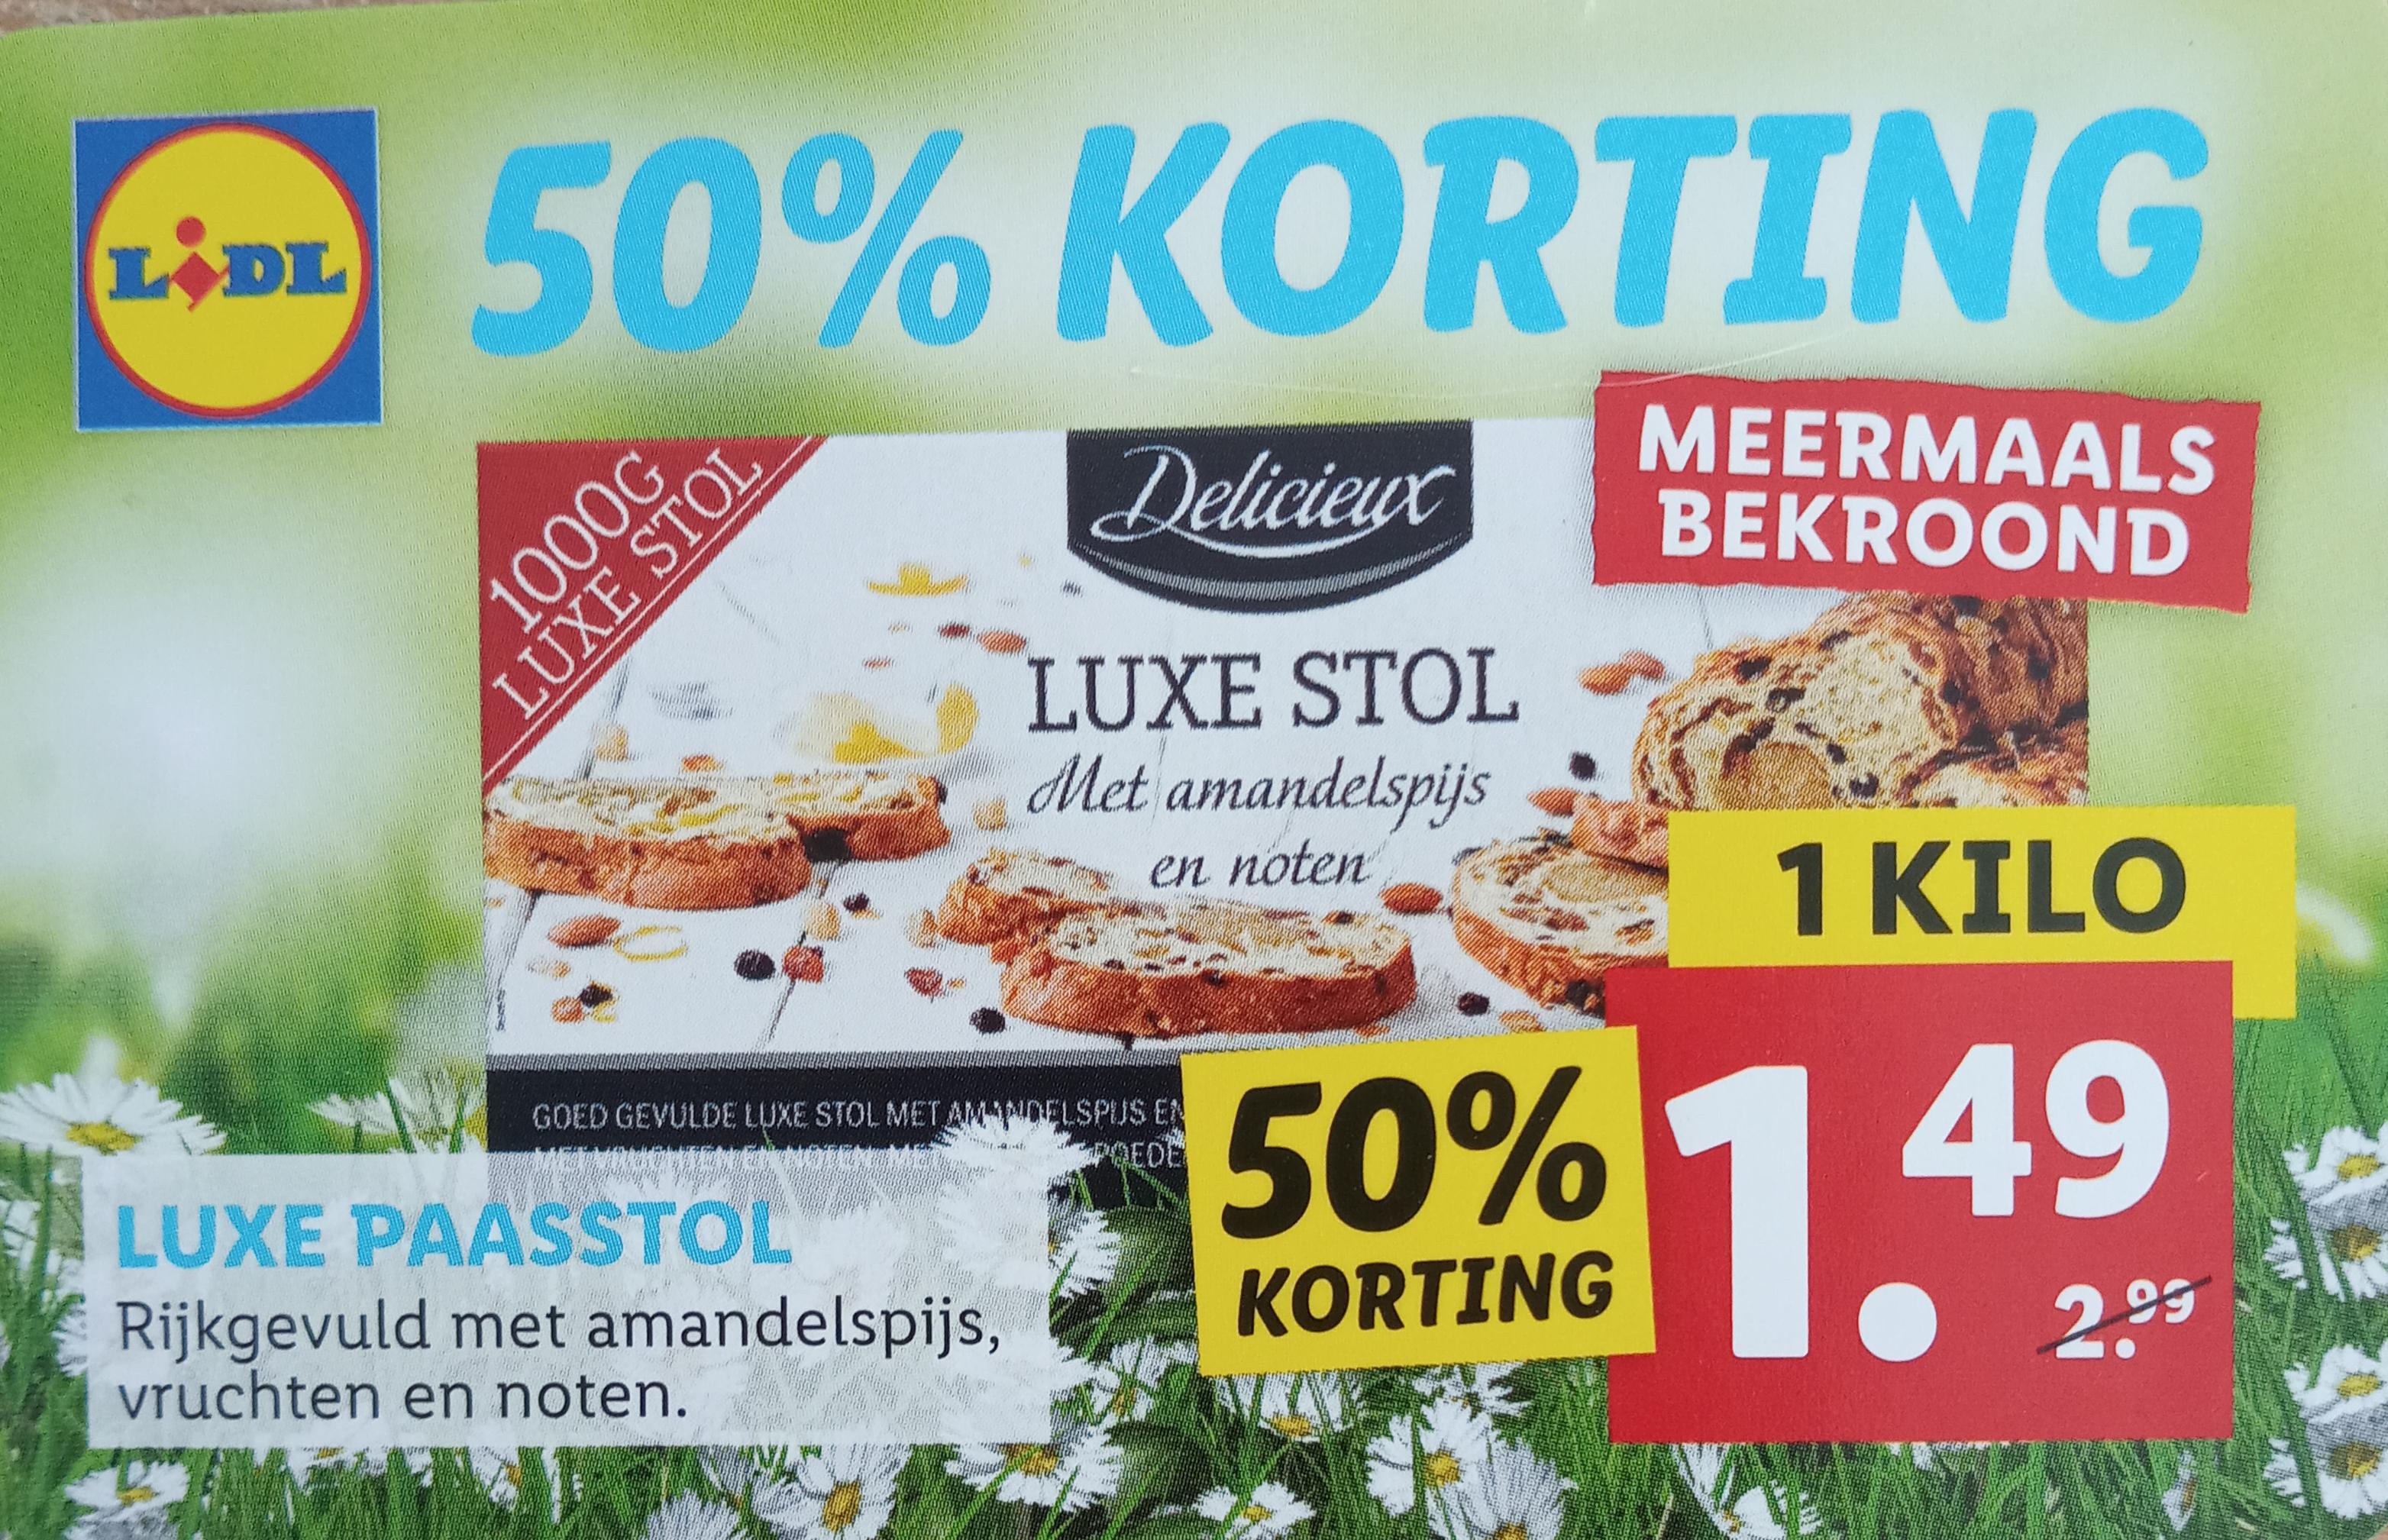 Luxe paasstol Lidl €1,49 met coupon en zelfscan